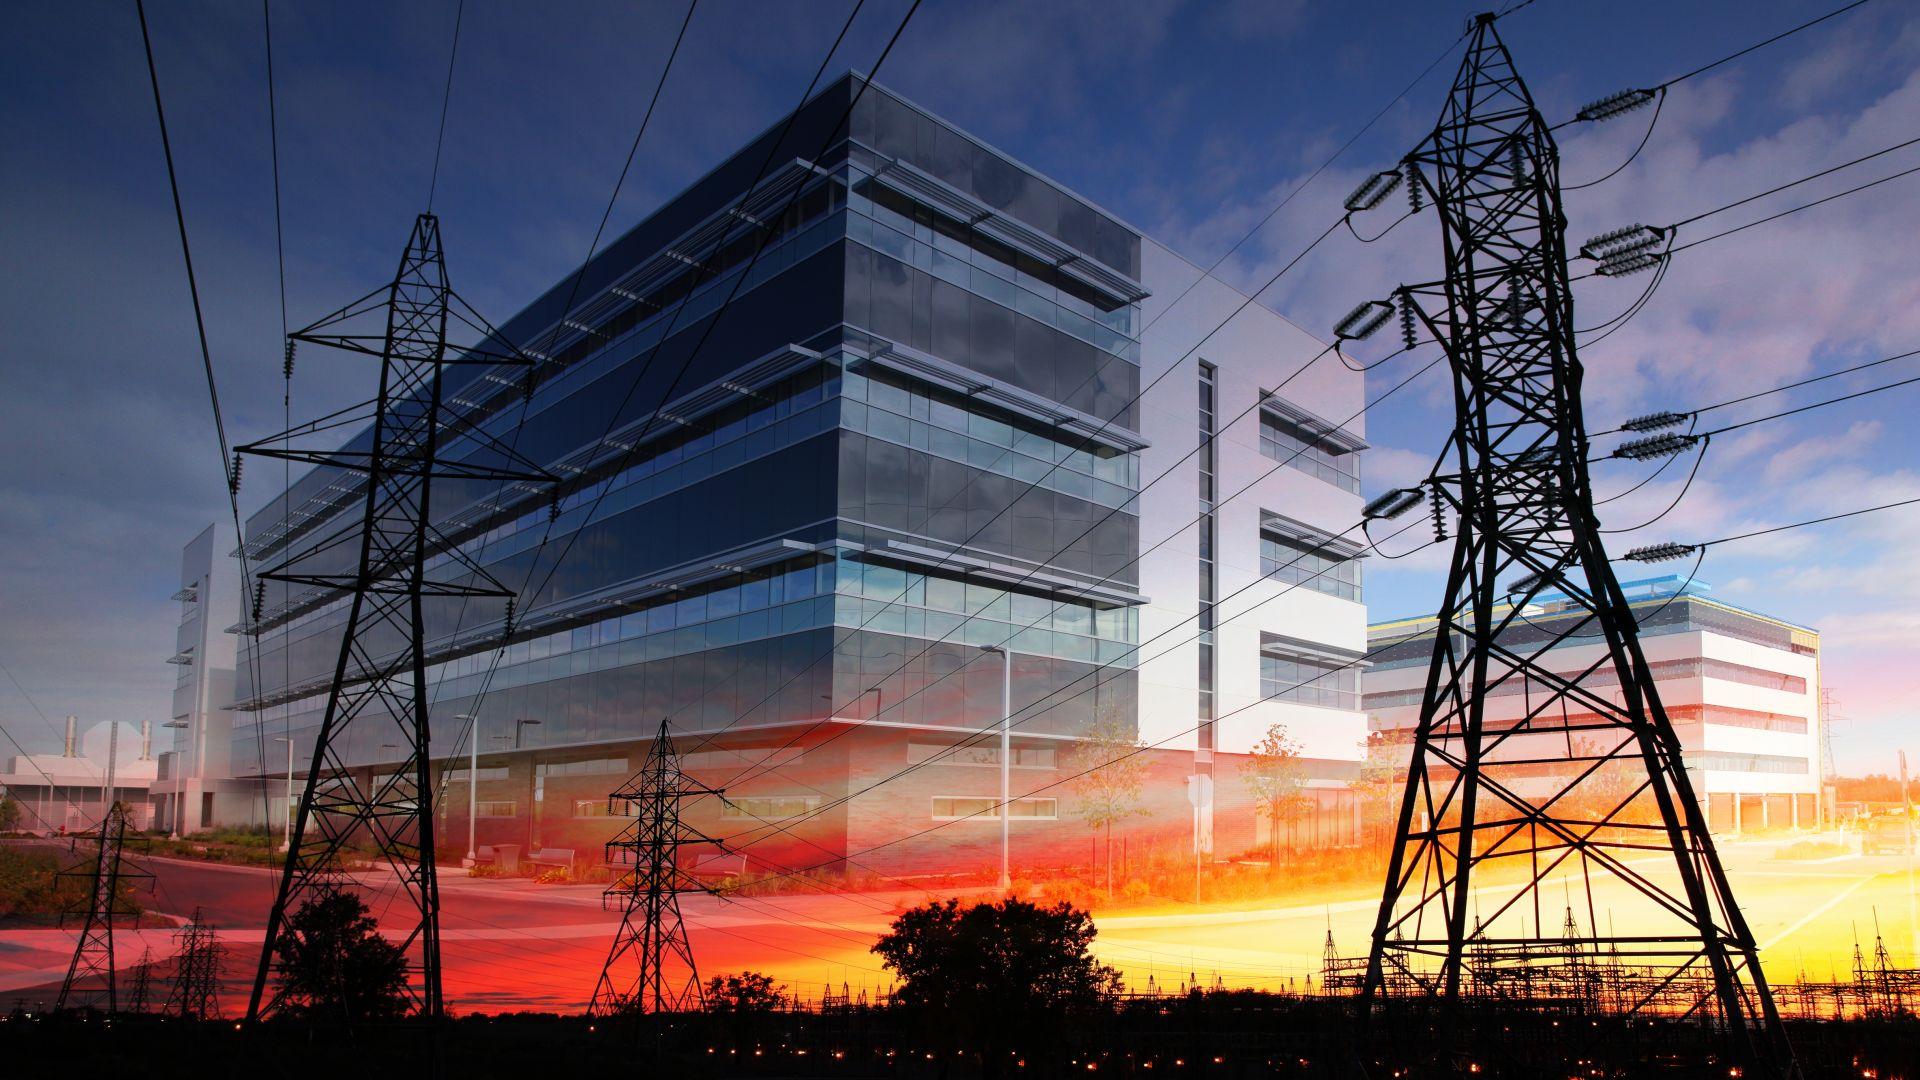 Изберете търговец на електрическа енергия, за да не плащате по служебни цени